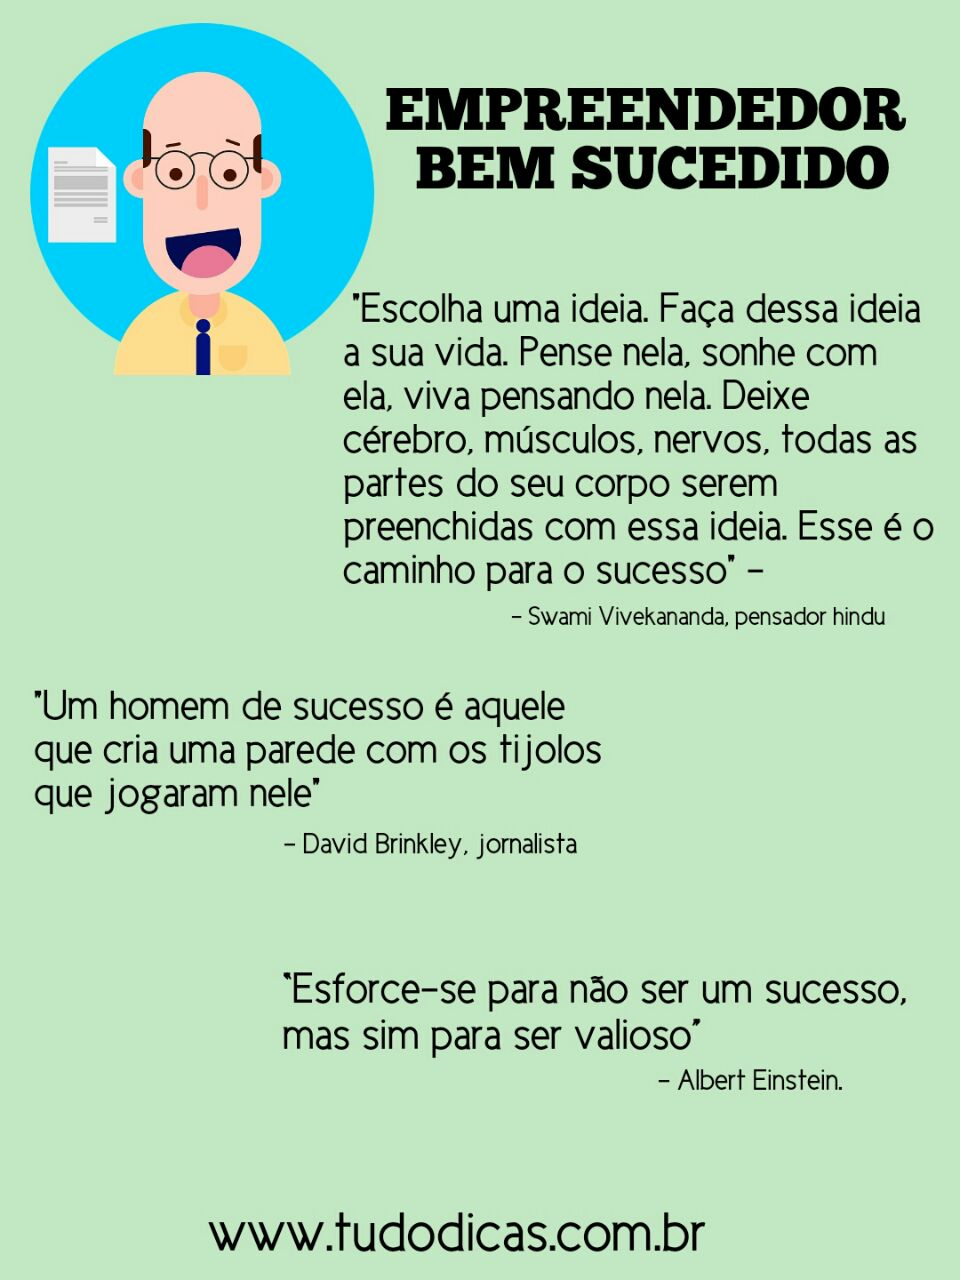 Frases para empreendedores de sucesso!